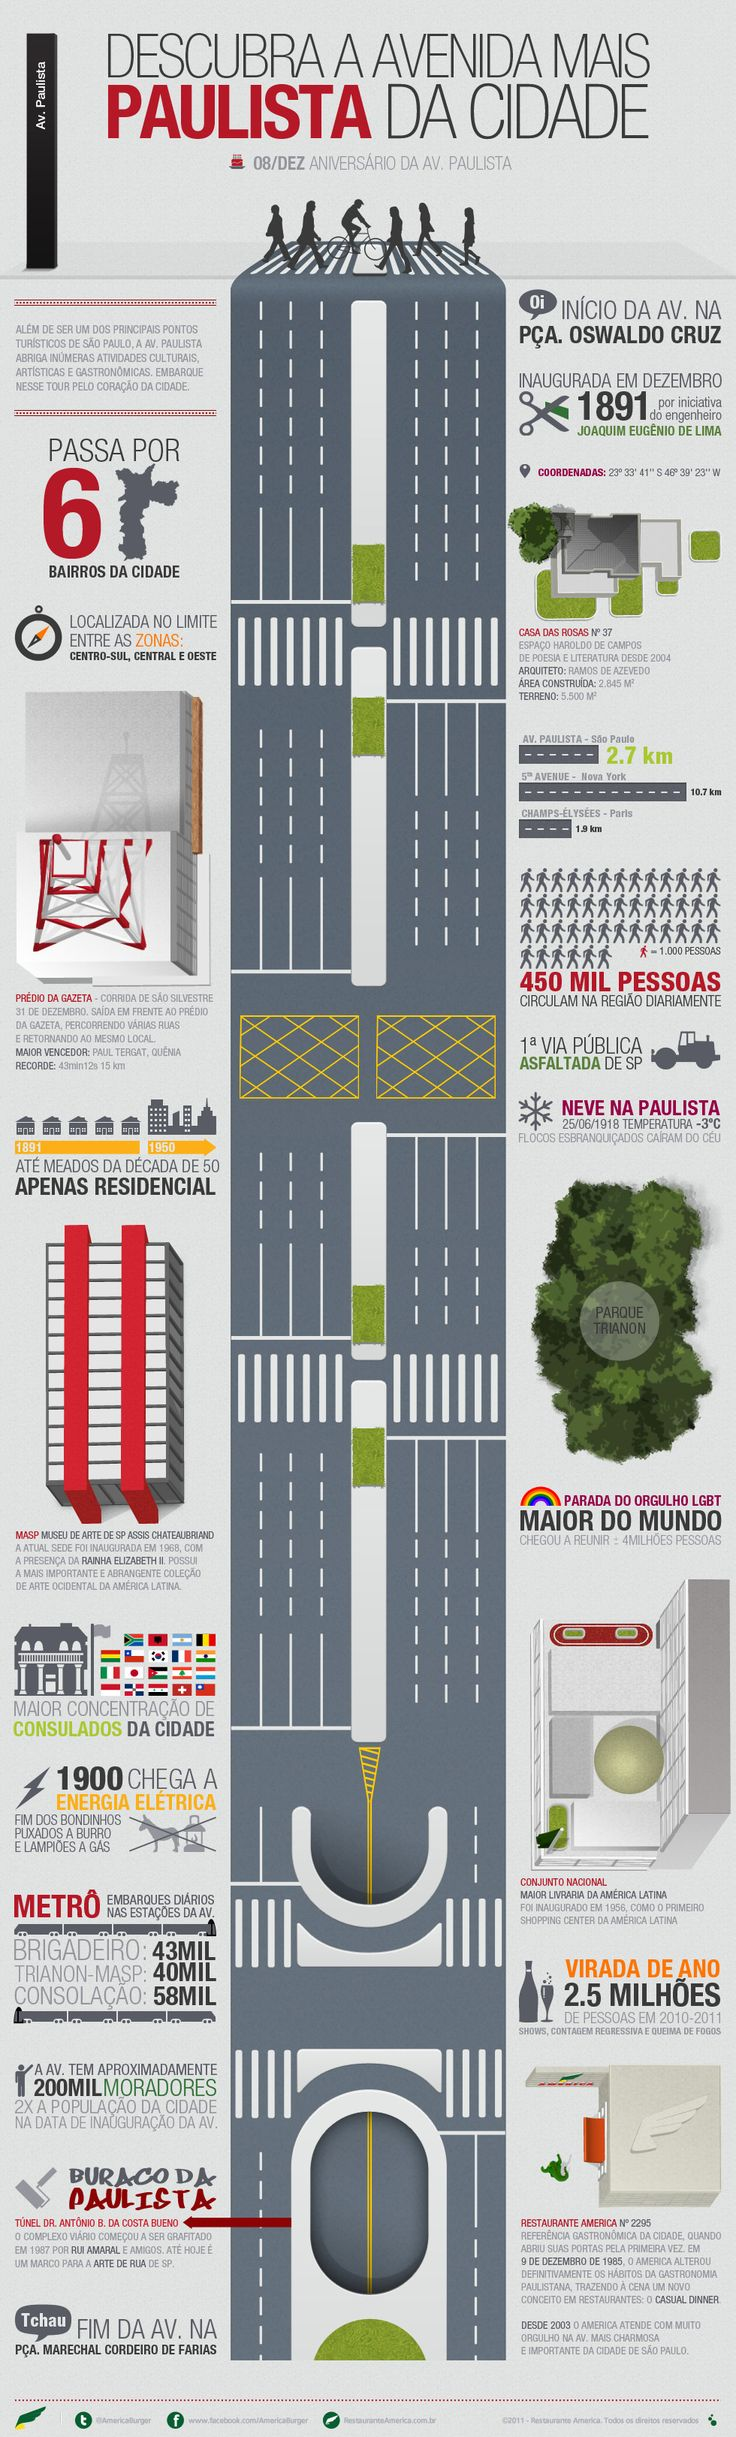 Algumas curiosidades sobre a Av.Paulista em São Paulo  #Infografico #saopaulo #avenidapaulista #americaburger